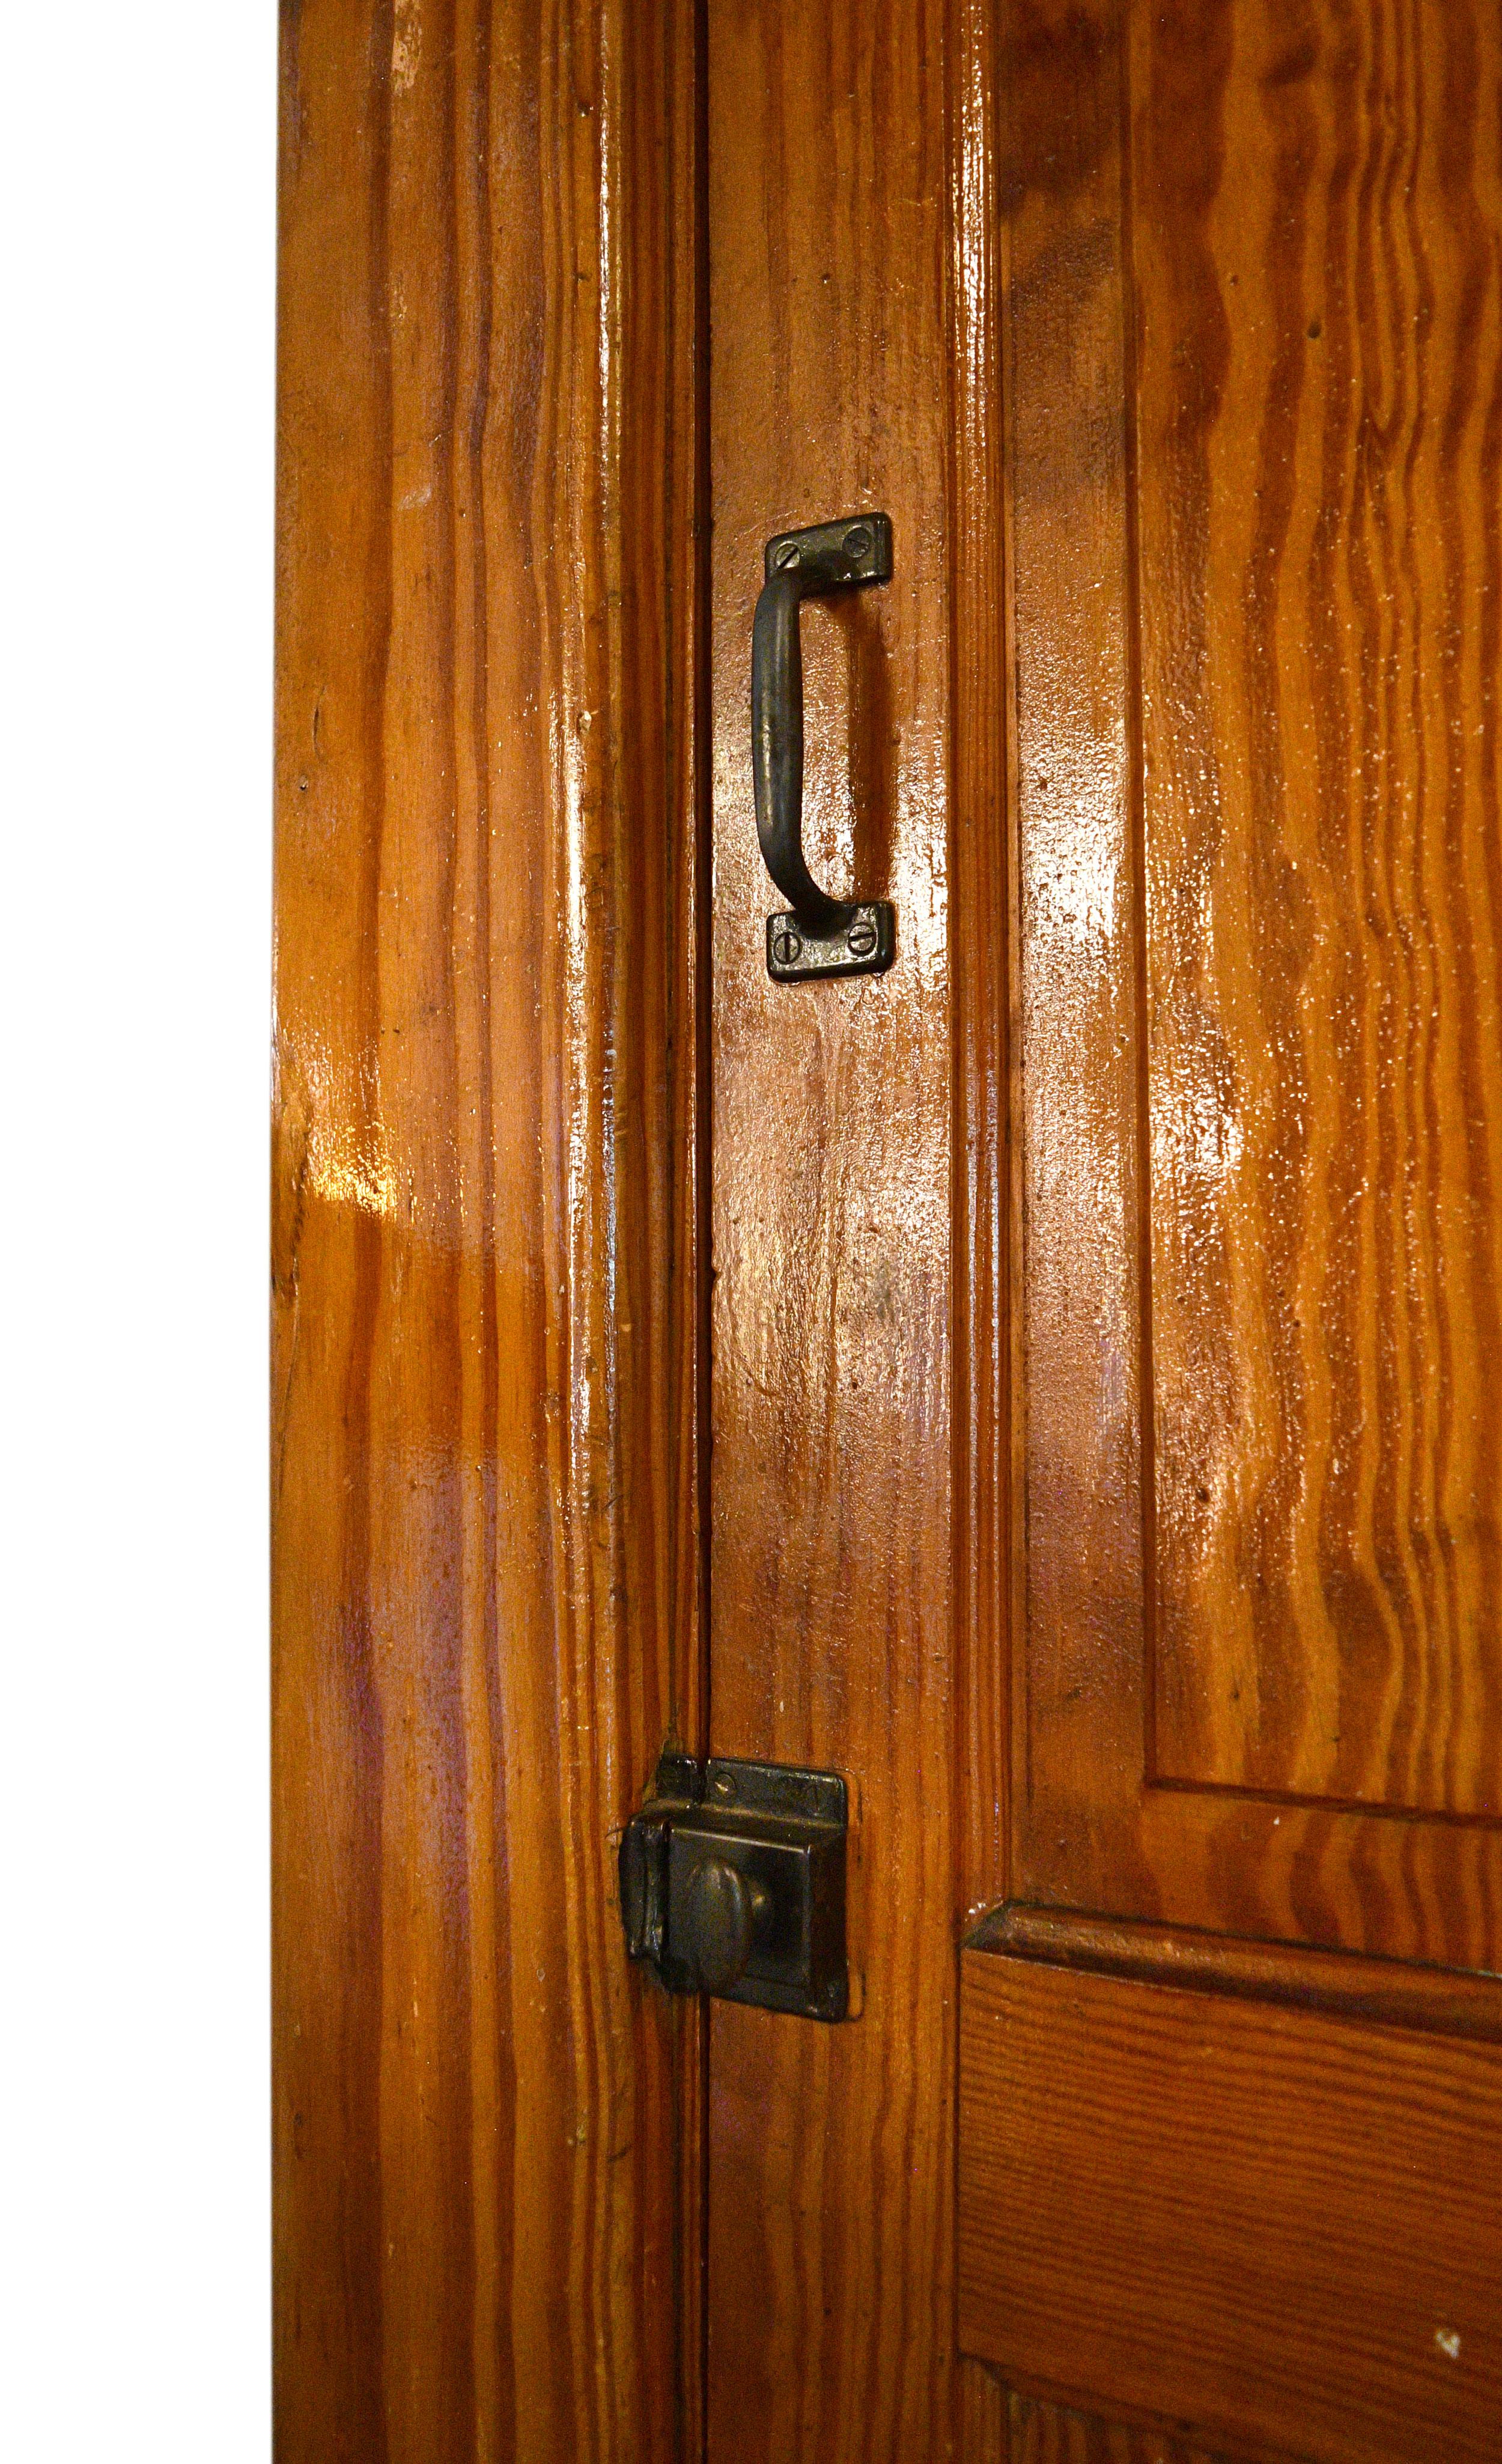 petite-door-3.jpg